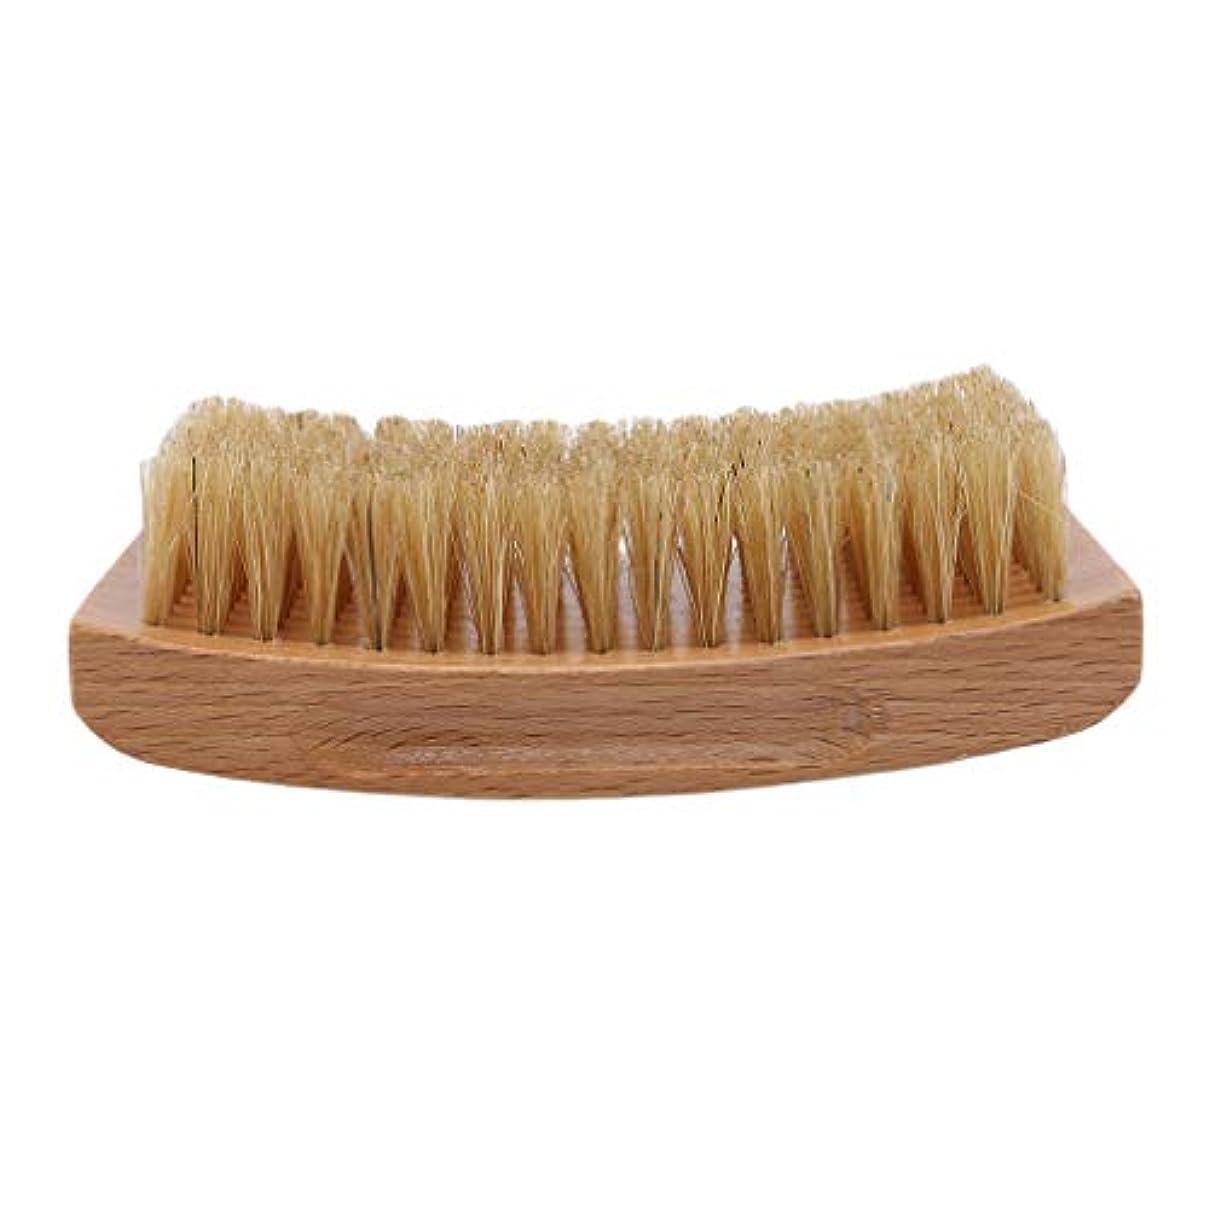 くさび測定ニックネームLargesoy ひげブラシ シェービングブラシ 理容 洗顔 髭剃り 泡立ち ひげ剃り 美容ツール シェービング用アクセサリー 1#